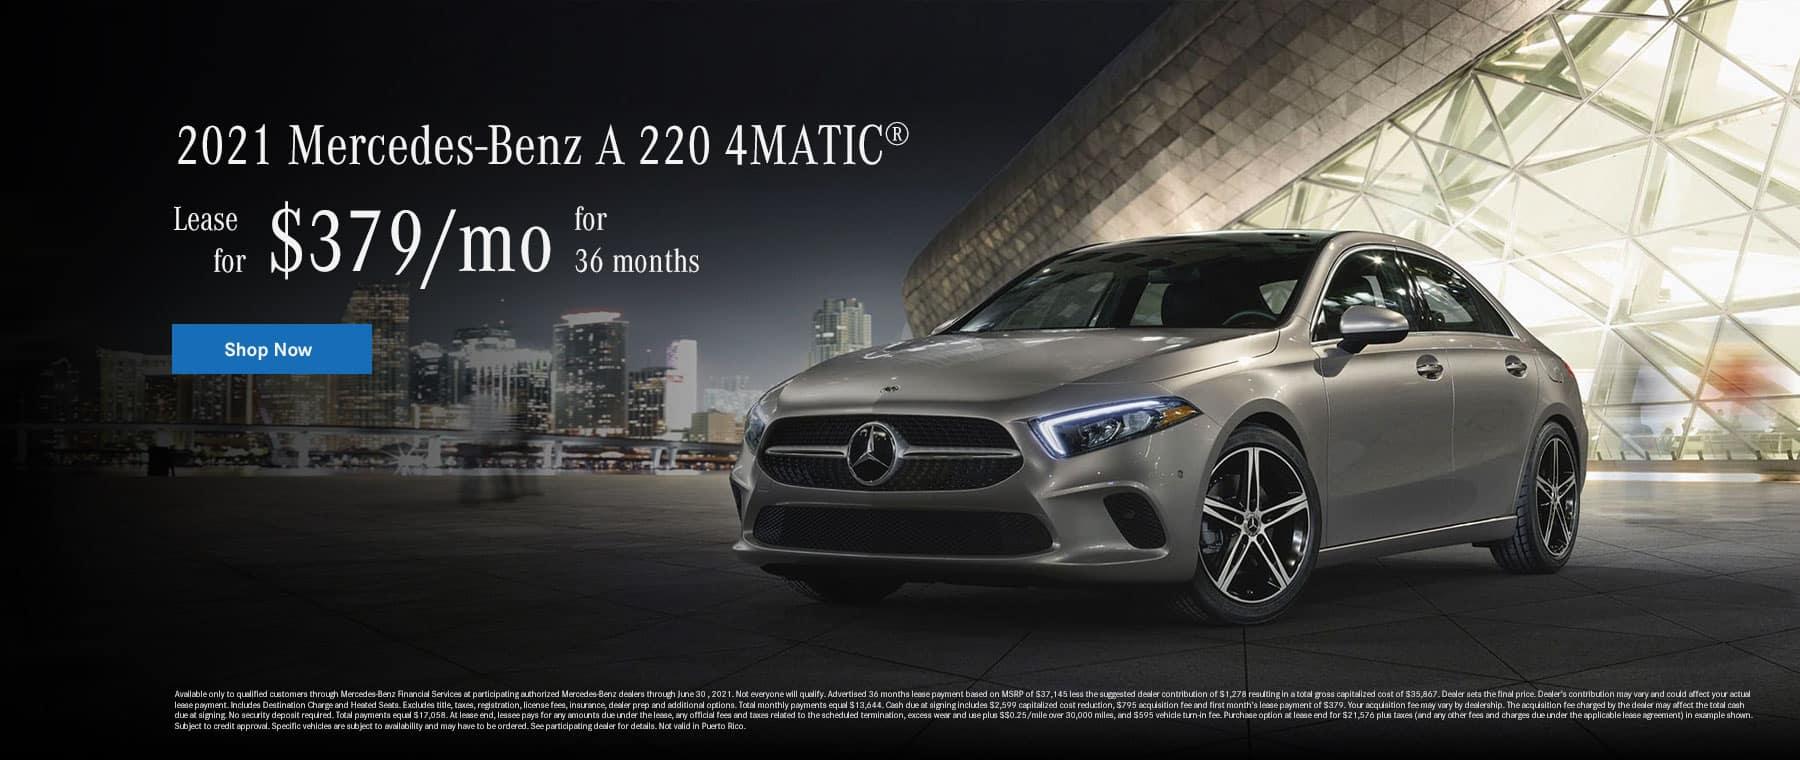 2021 A 220 4MATIC Sedan